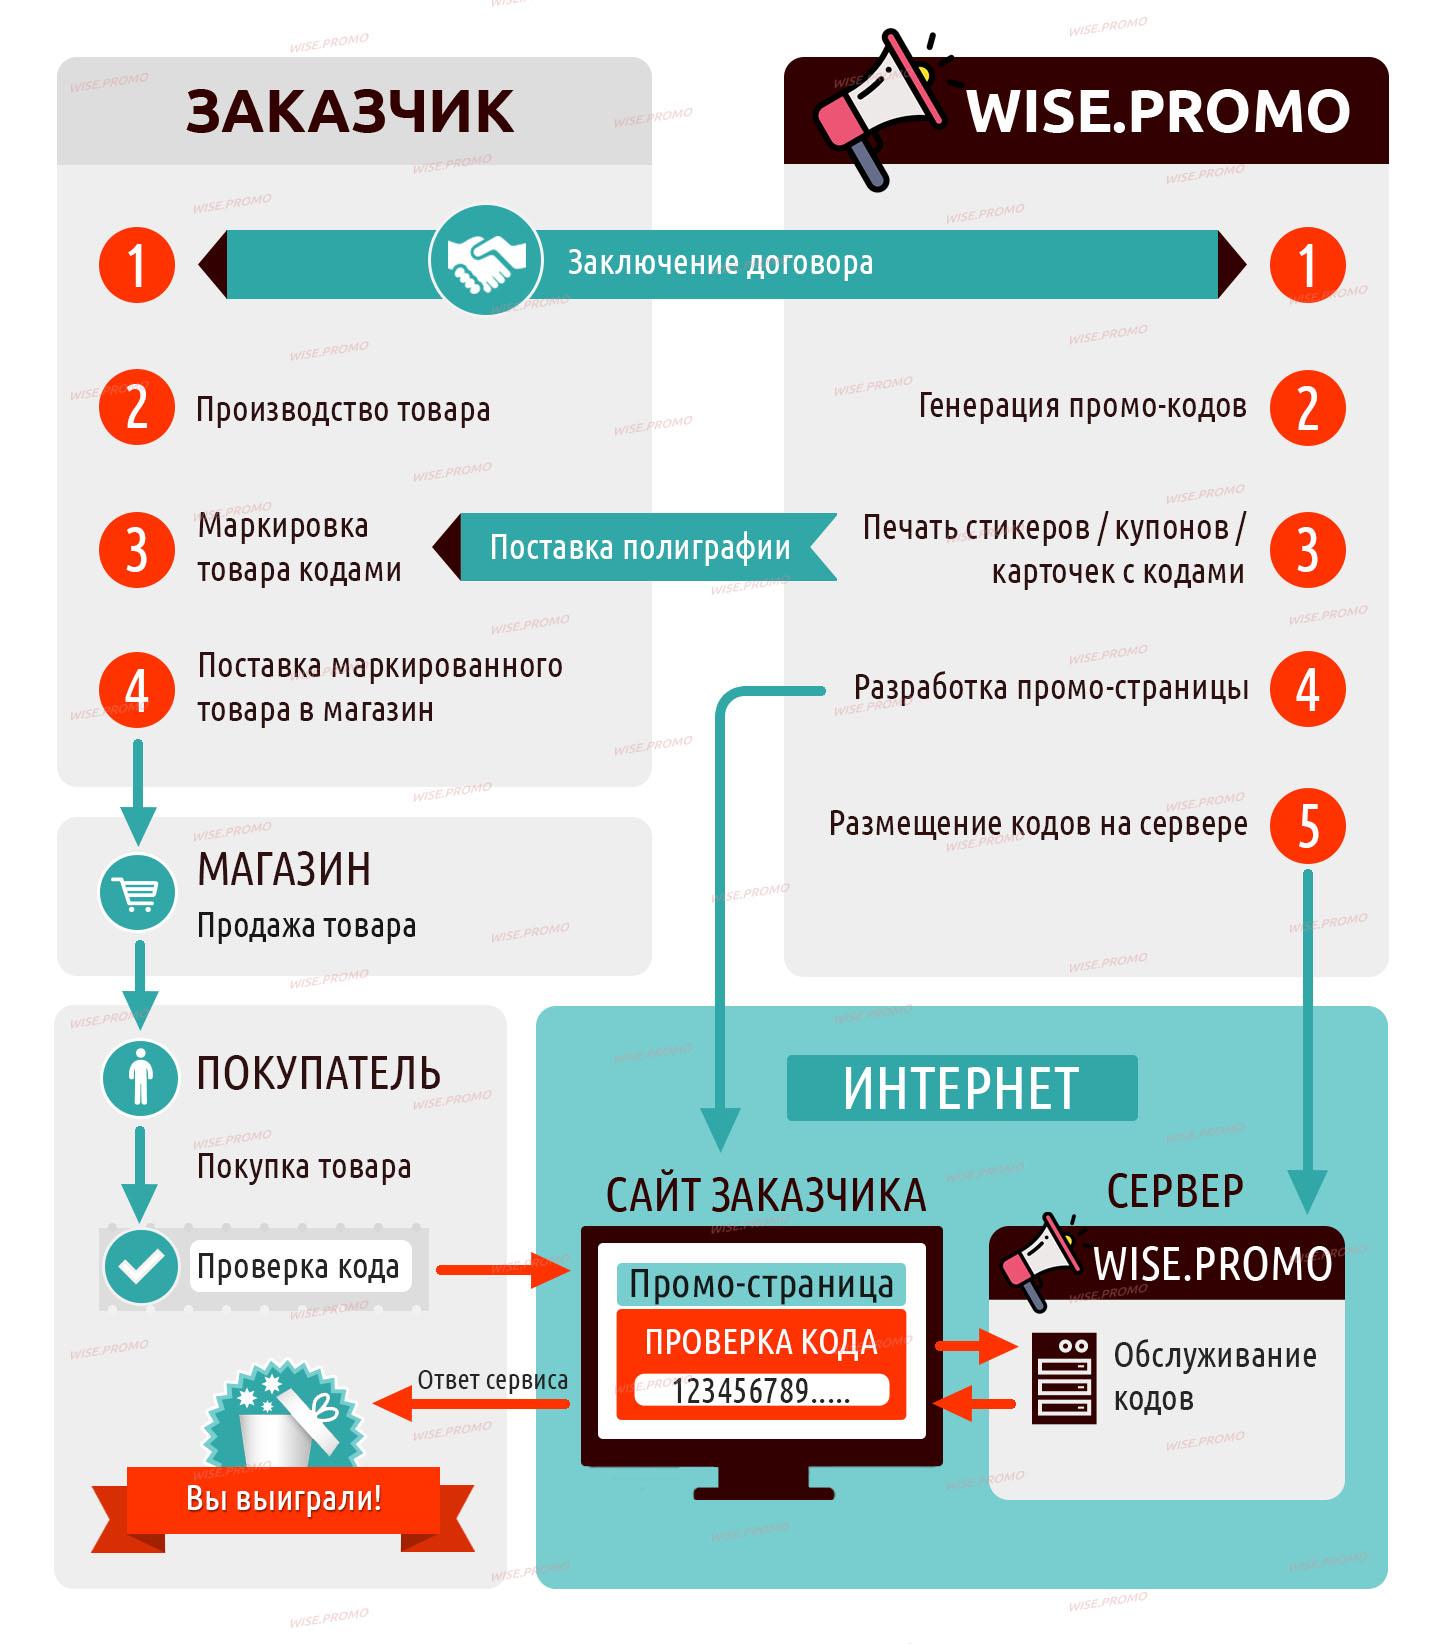 Схема рекламного розыгрыша призов